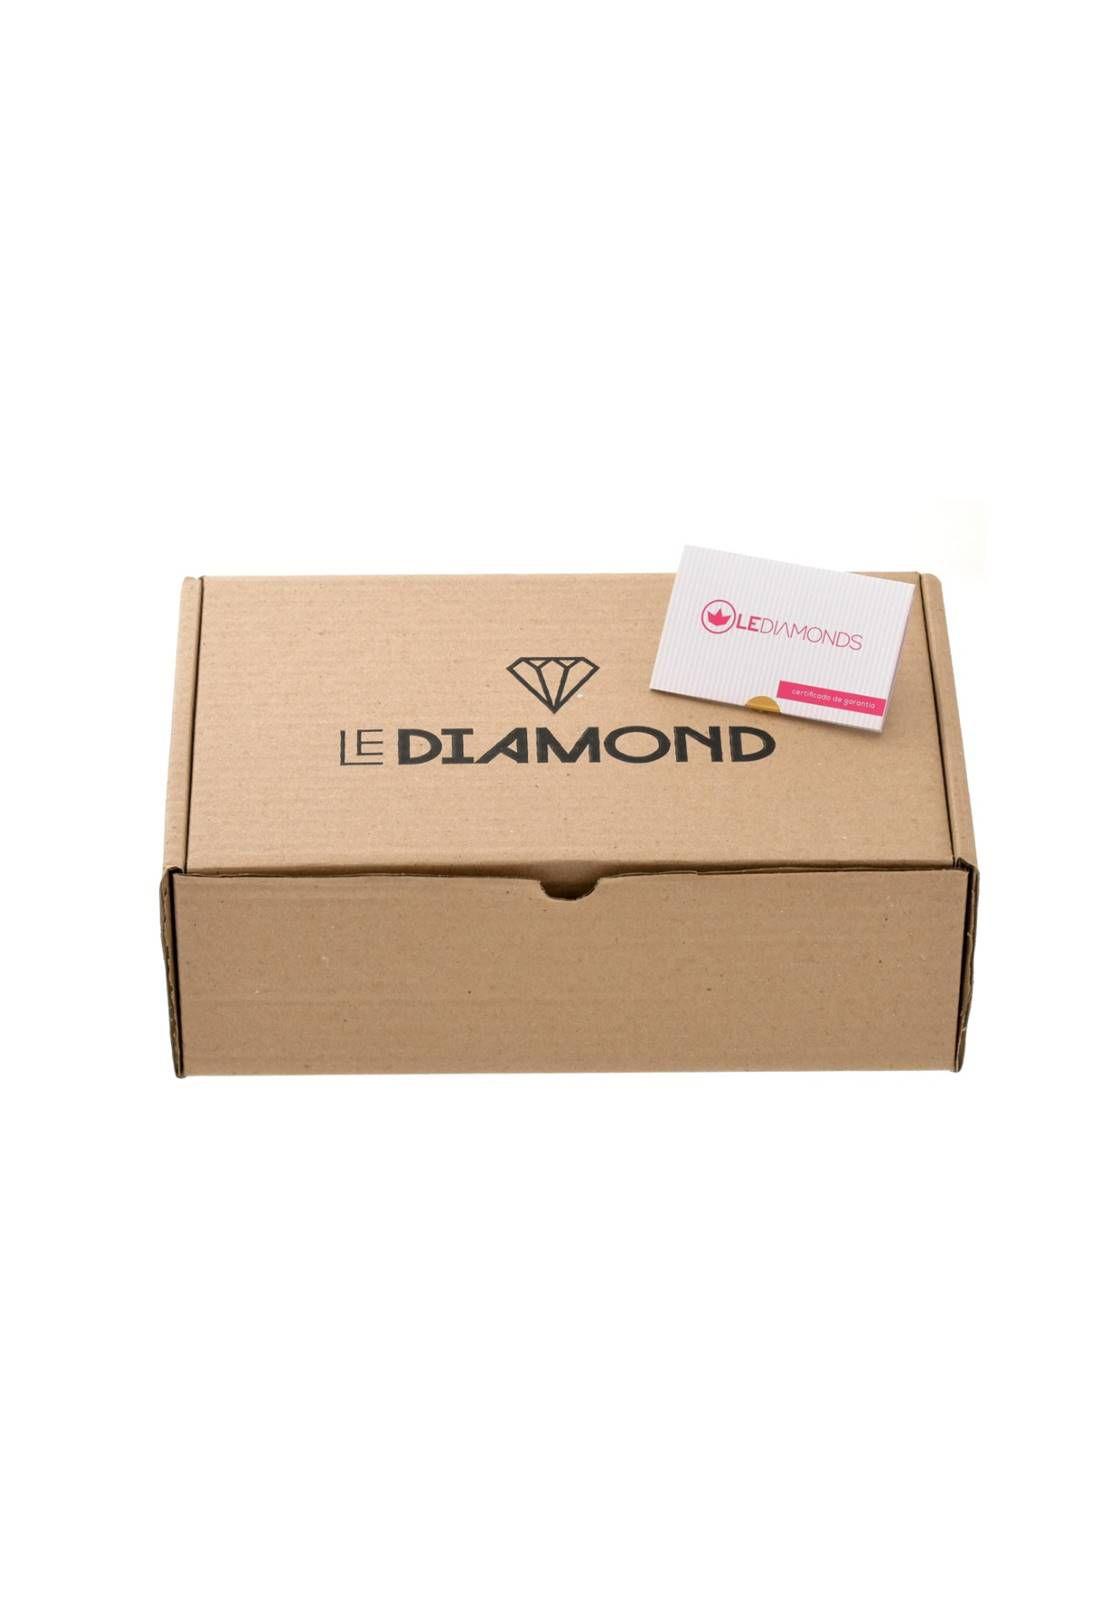 Brinco Le Diamond Argola Bola Dourado